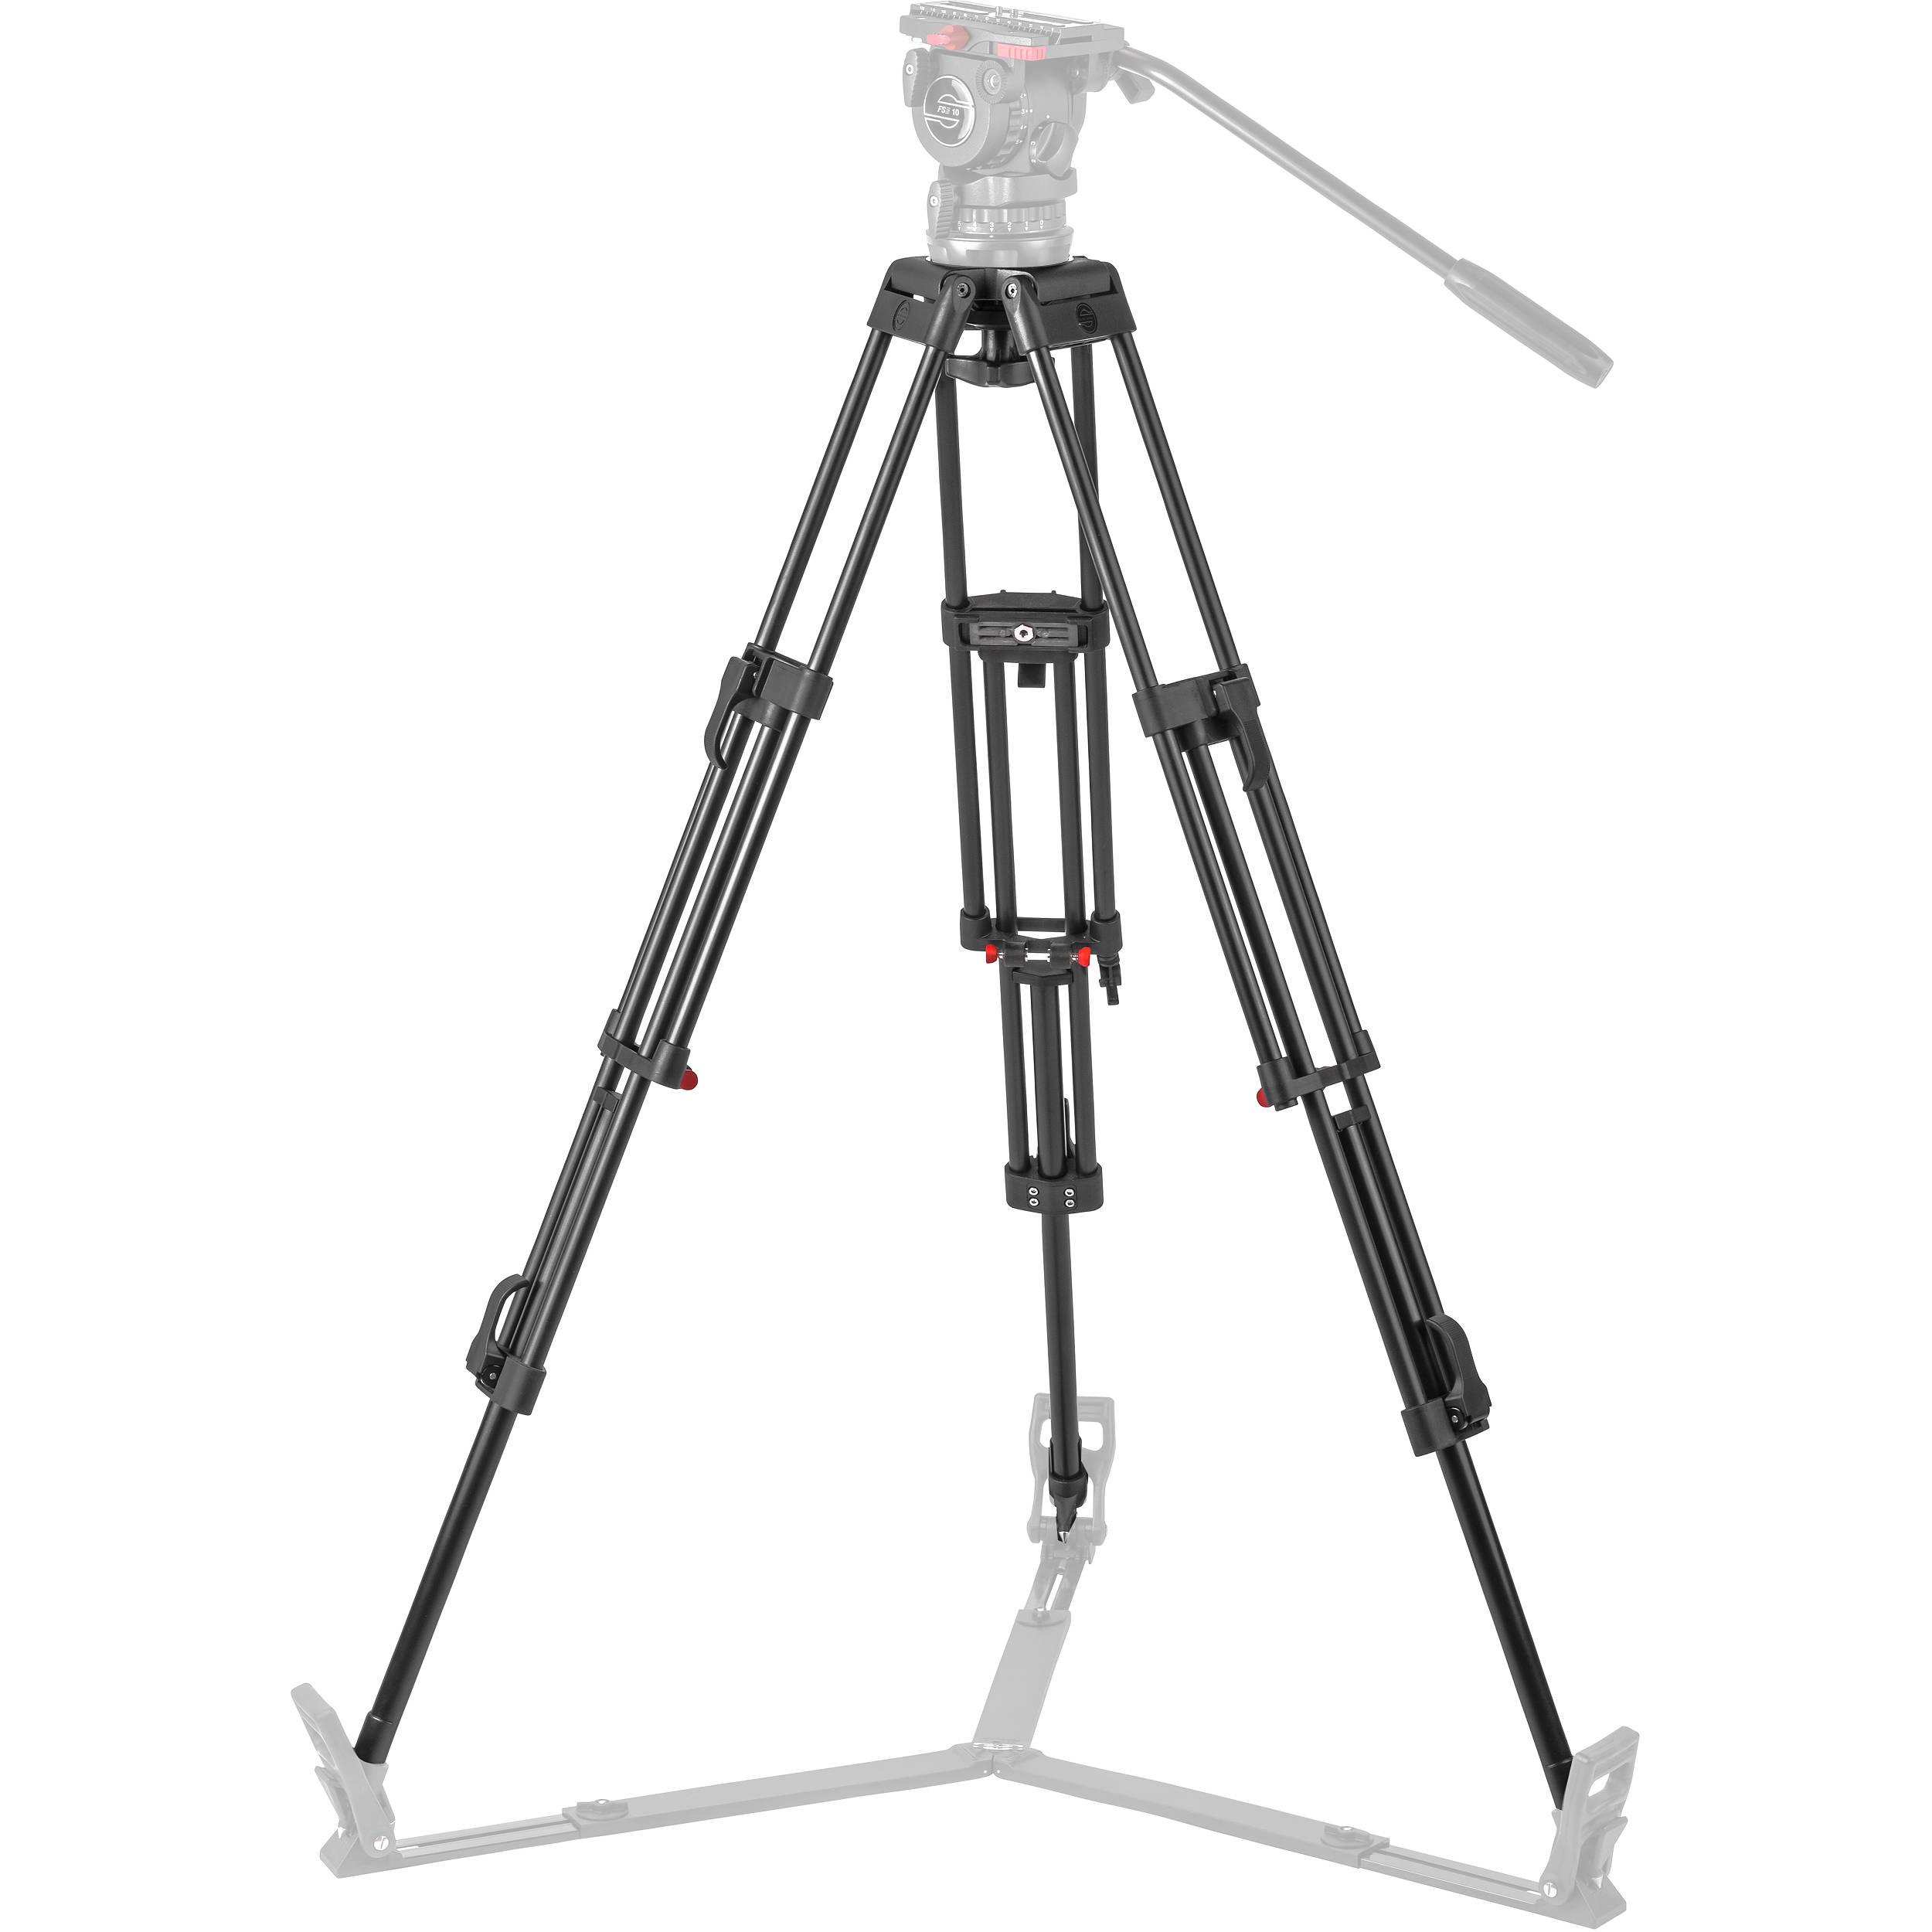 sachtler da 100 eng 2d aluminum tripod legs 5186 b h photo video  sachtler da 100 eng 2d aluminum tripod legs